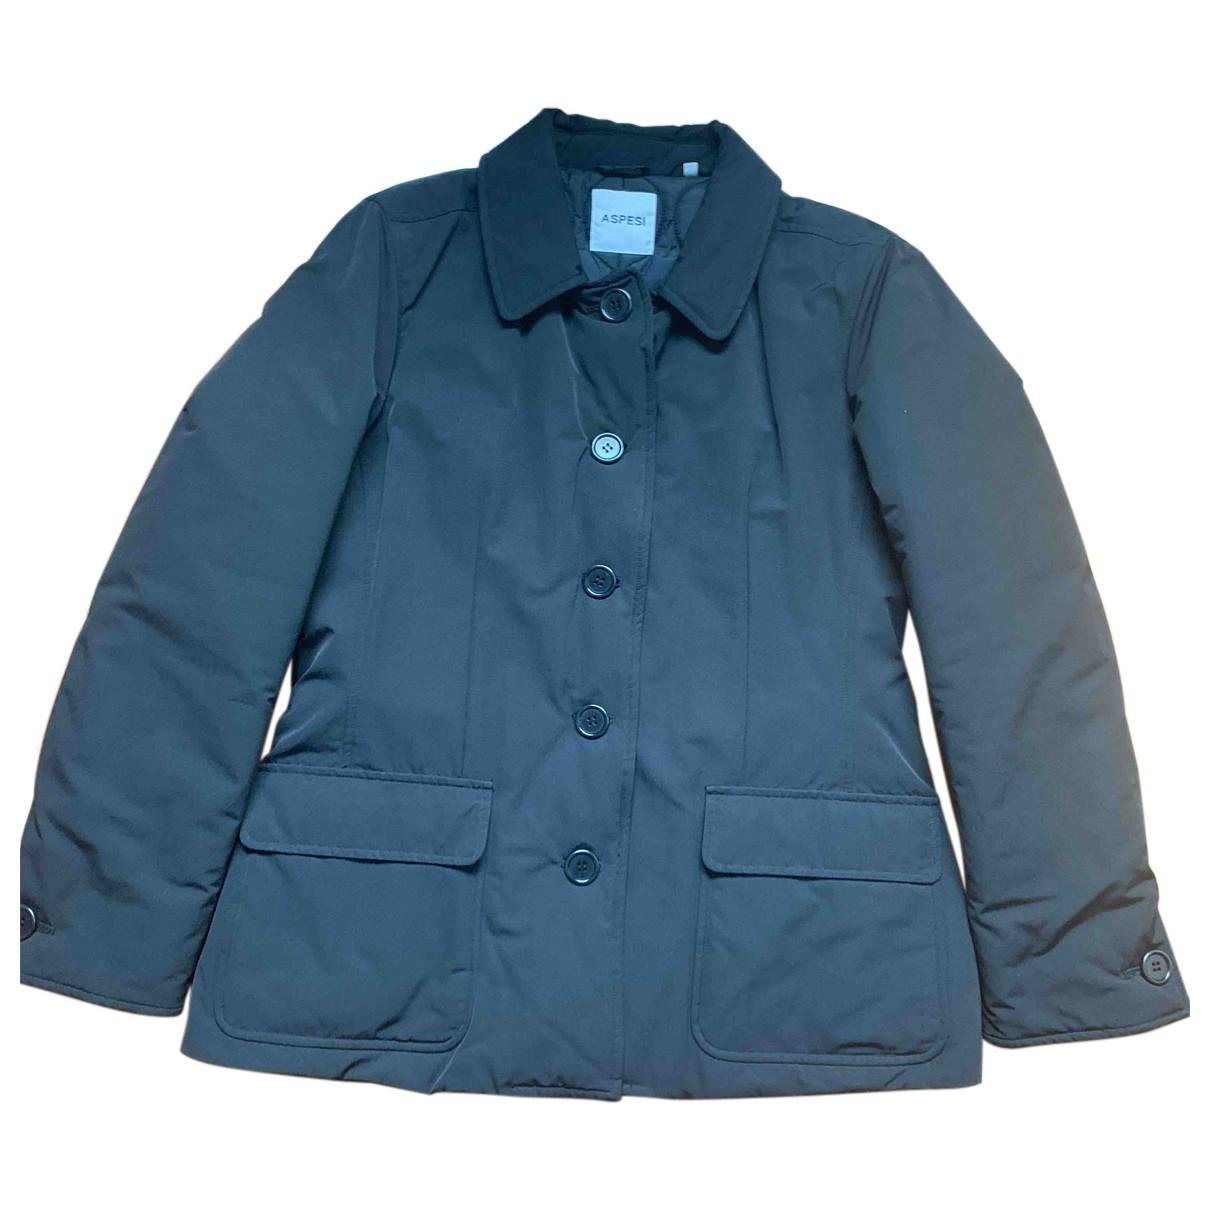 Aspesi - Manteau   pour femme en coton - noir